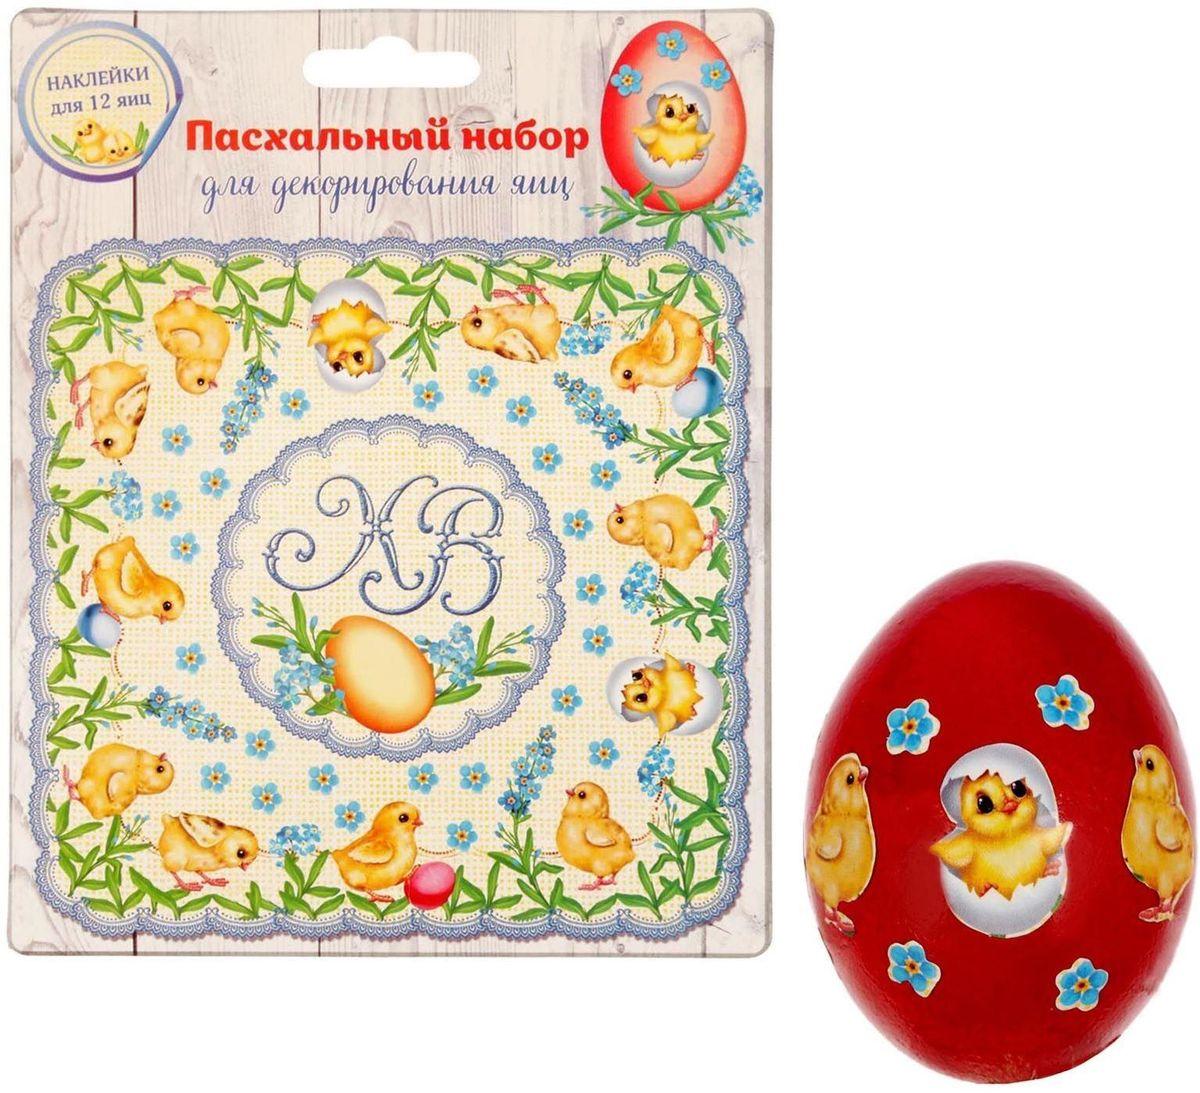 Пасхальный набор для декорирования яиц Цыплята, 12,5 х 16 см. 16359181635918Пасхальный набор для декорирования яиц - прекрасный выбор для создания атмосферы праздника. У каждого из нас есть любимый праздник, которого он ждет с нетерпением! Это может быть Новый Год или День Рождения, 8 Марта или 23 Февраля, когда вы просыпаетесь с утра с улыбкой и готовы делиться хорошим настроением со всеми.